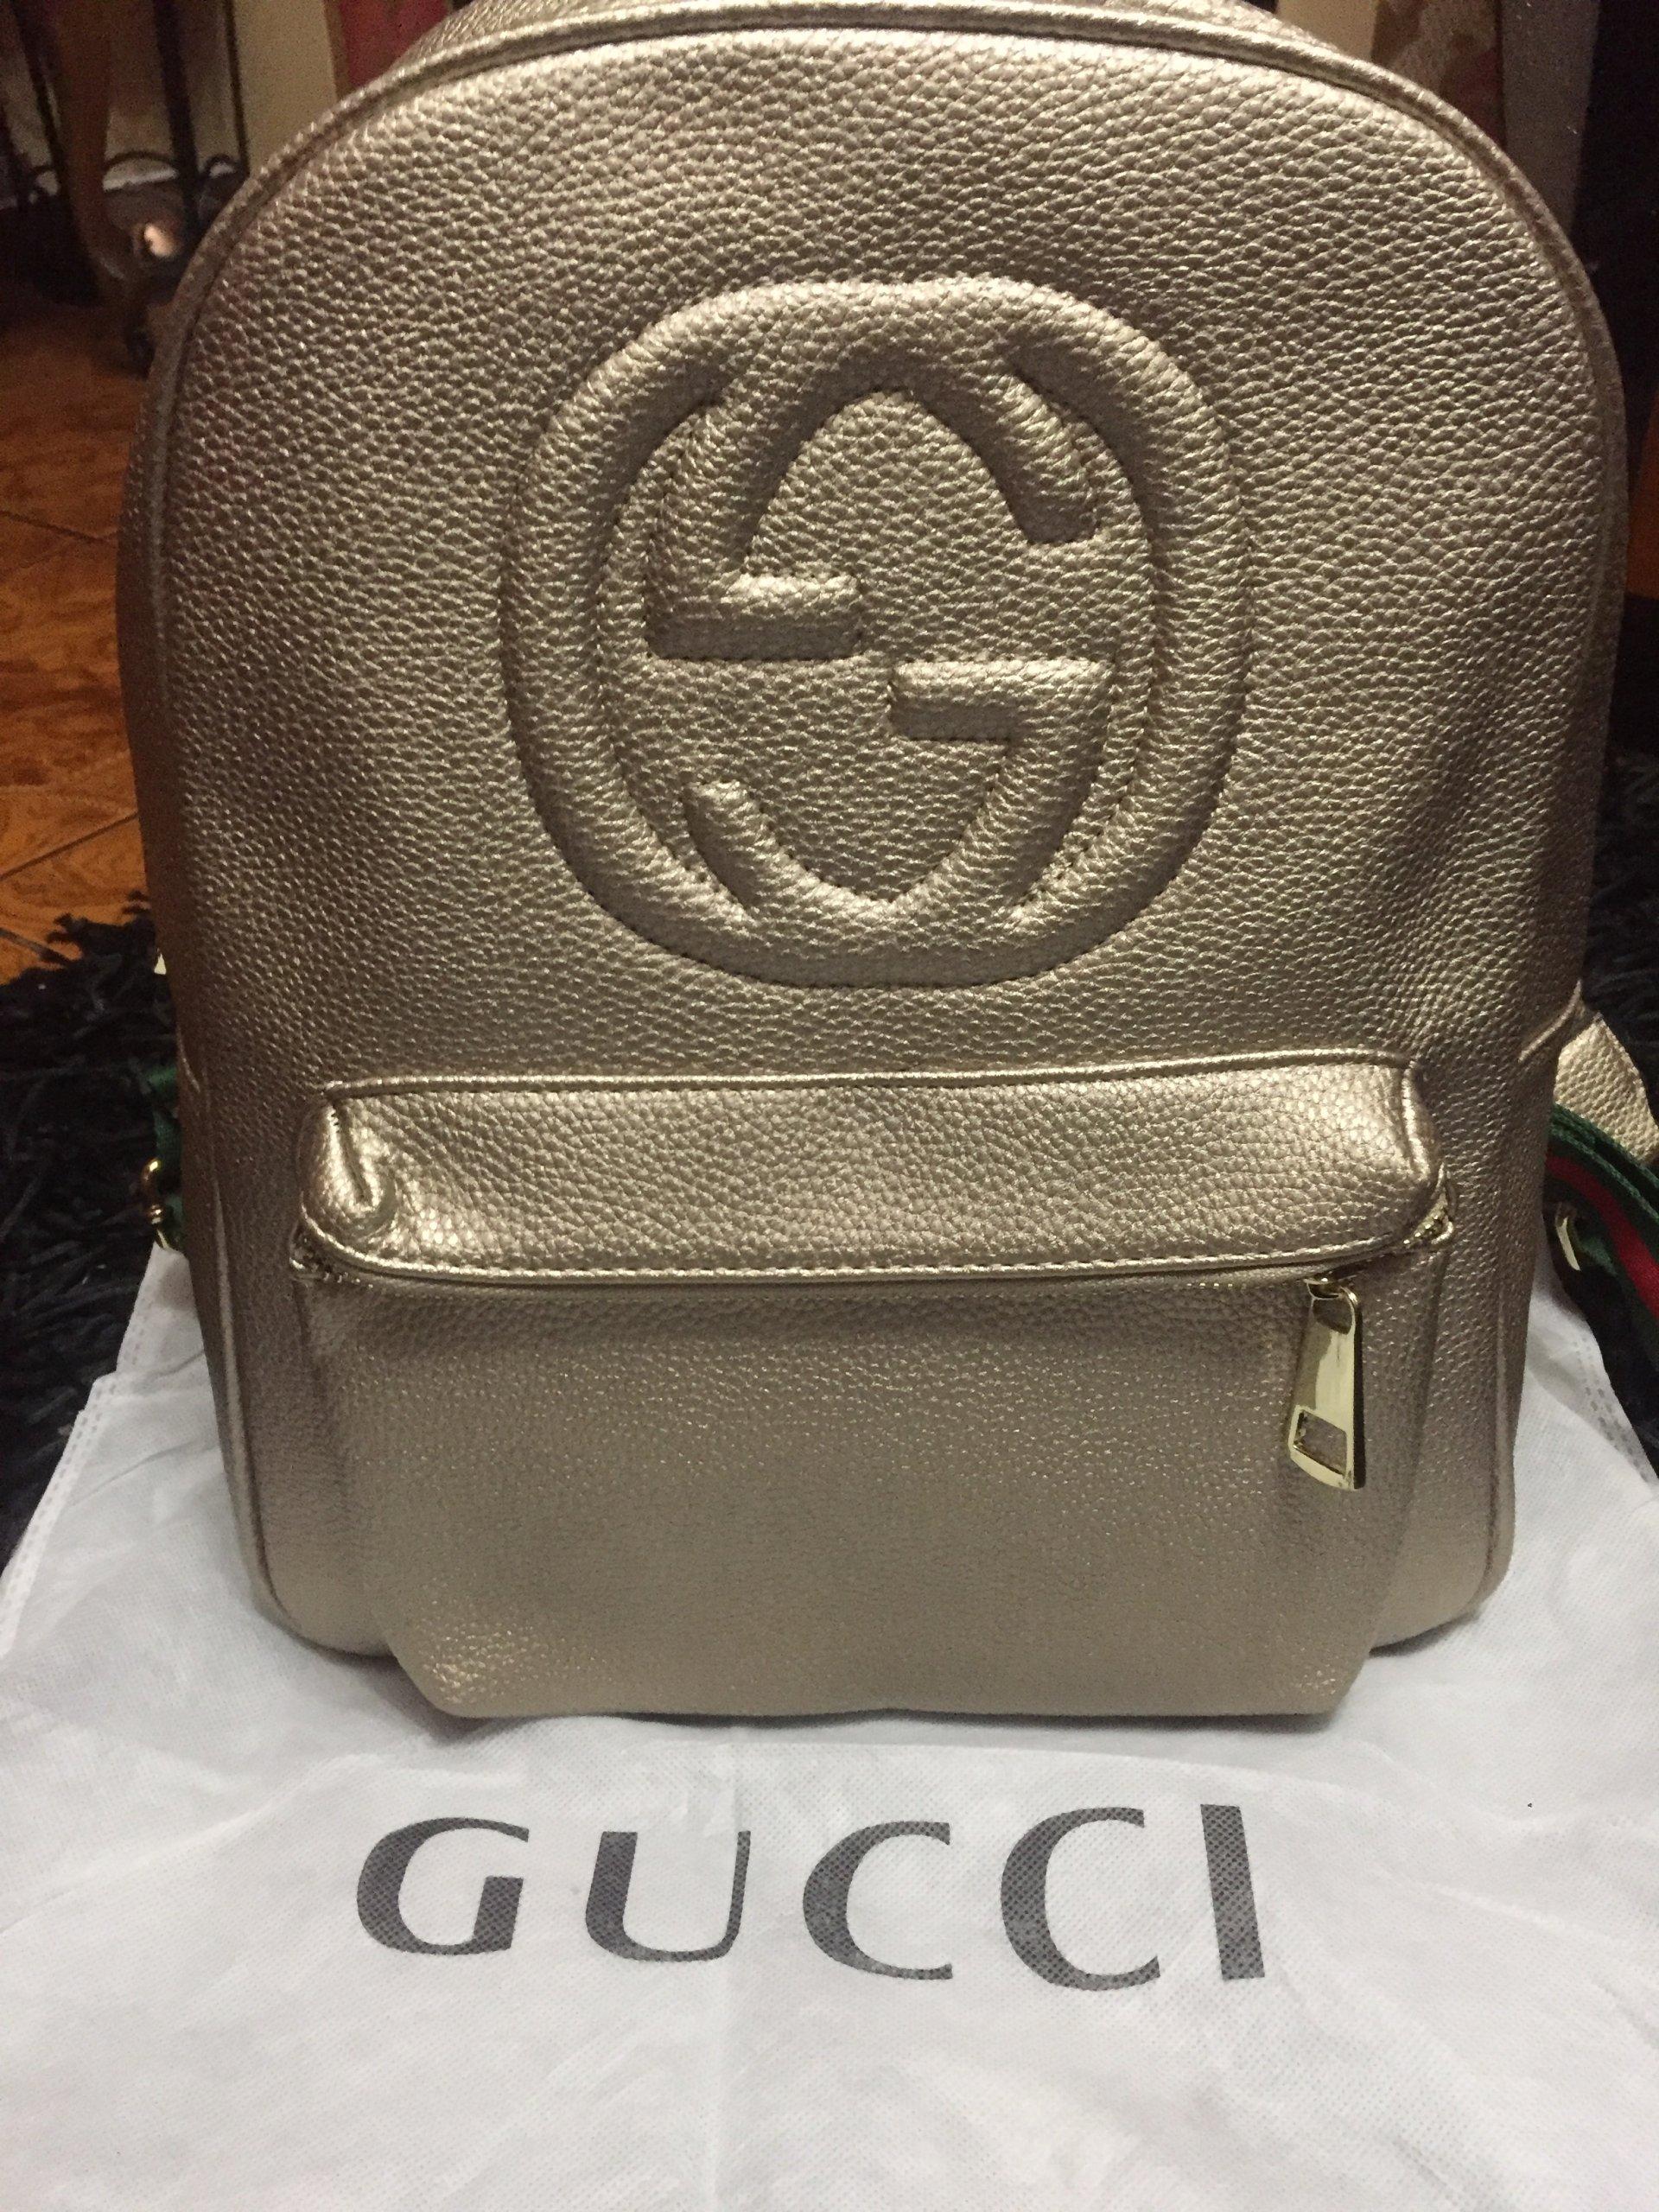 7450643b9c201 Plecak Gucci, torba, torebka, złota - 7244188844 - oficjalne ...